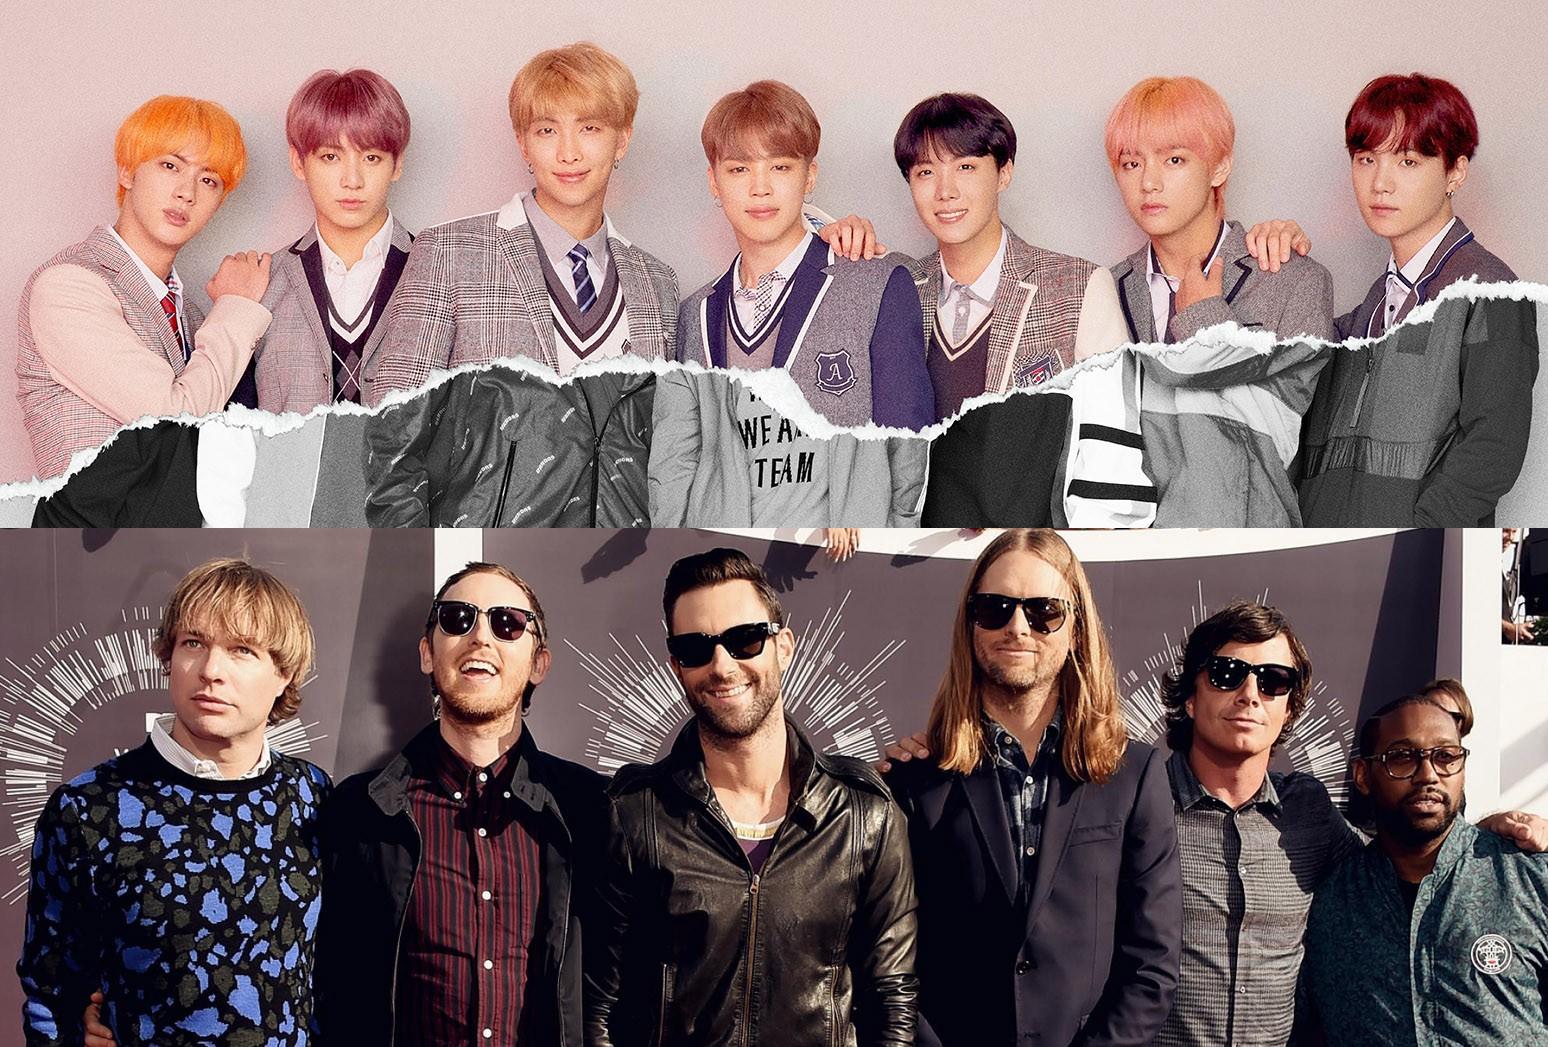 Thành công của BTS trong năm 2018 không hề thua kém Maroon 5.